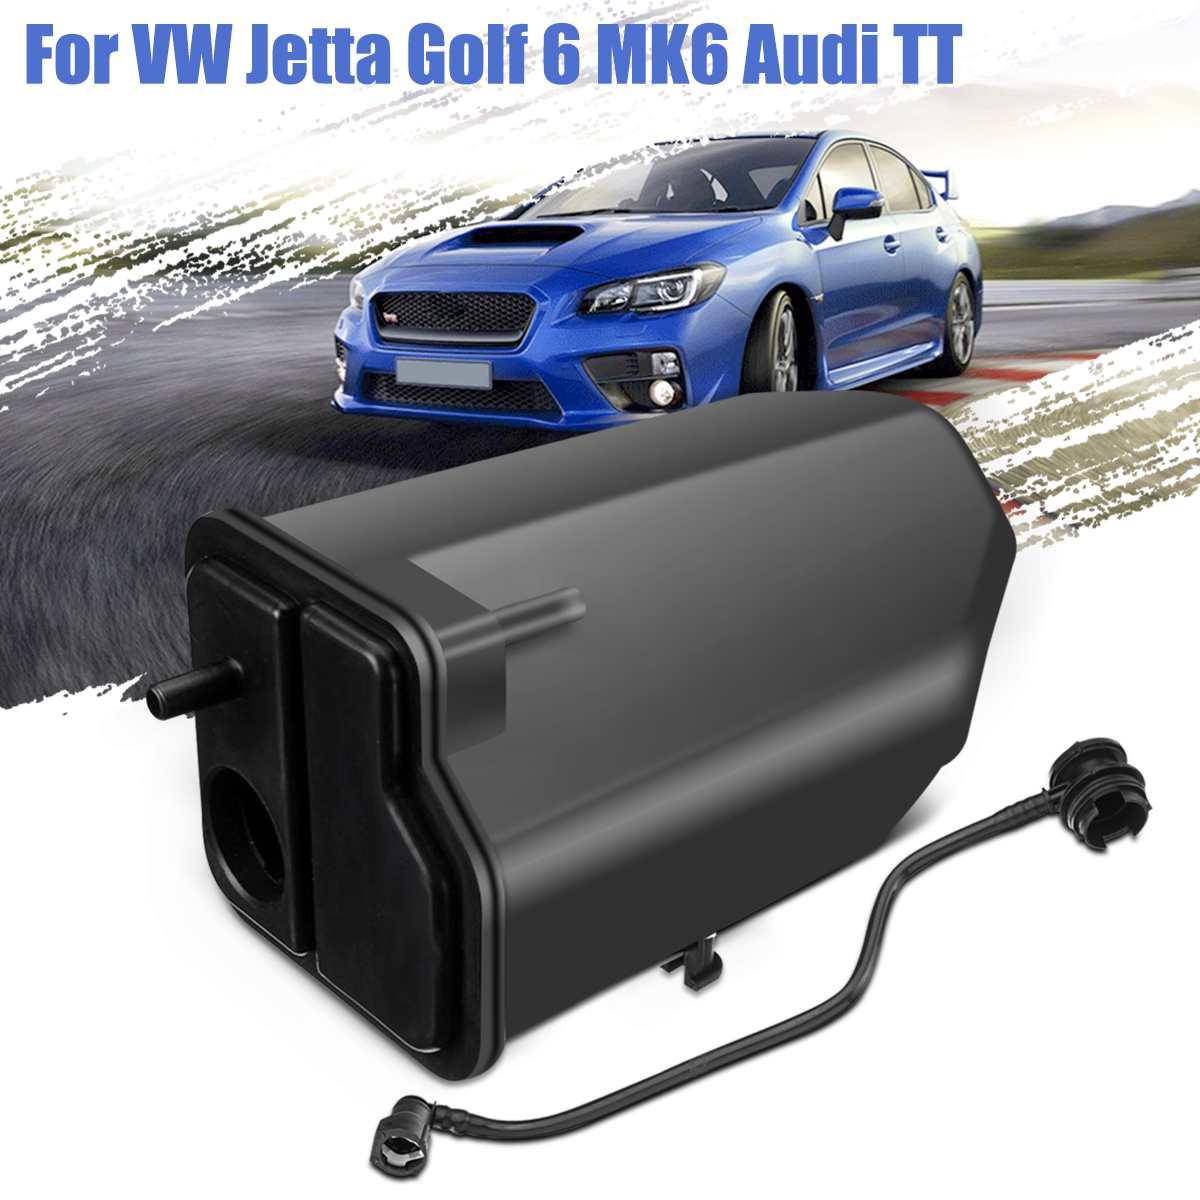 1K0201897AE 1K0201801E รถเปิดใช้งานถ่านคาร์บอนกระป๋องกระป๋องสำหรับ VW Jetta/Golf EOS สำหรับ Audi A3 TT